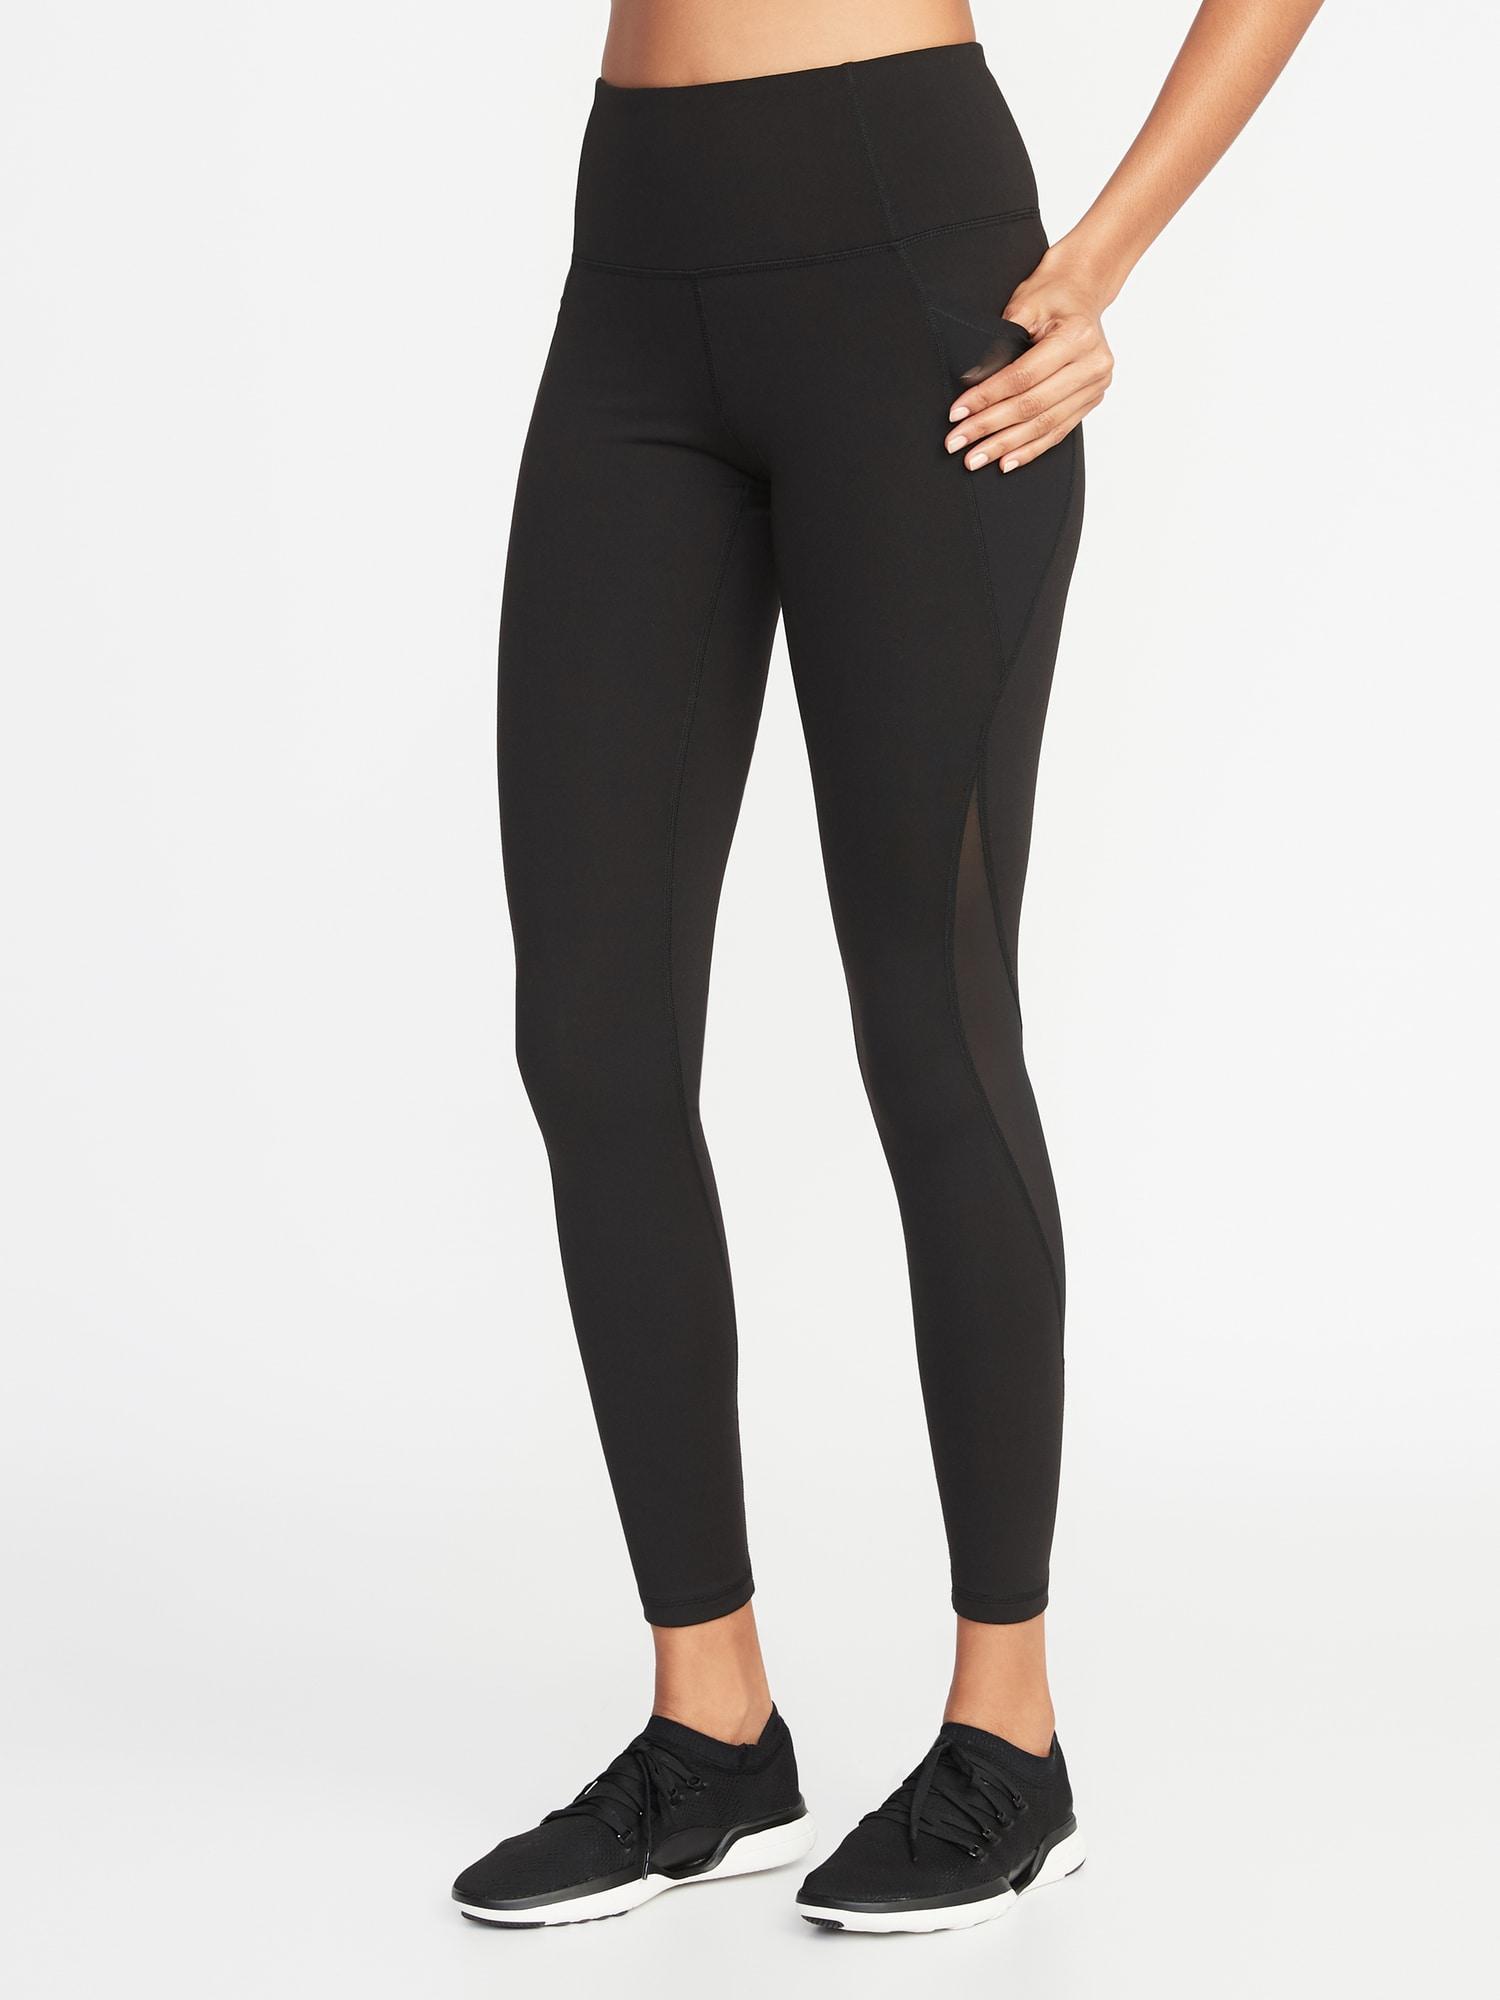 2171d43b20 Old Navy. Women's Black High-rise Elevate Side-pocket Mesh-trim Compression  Leggings